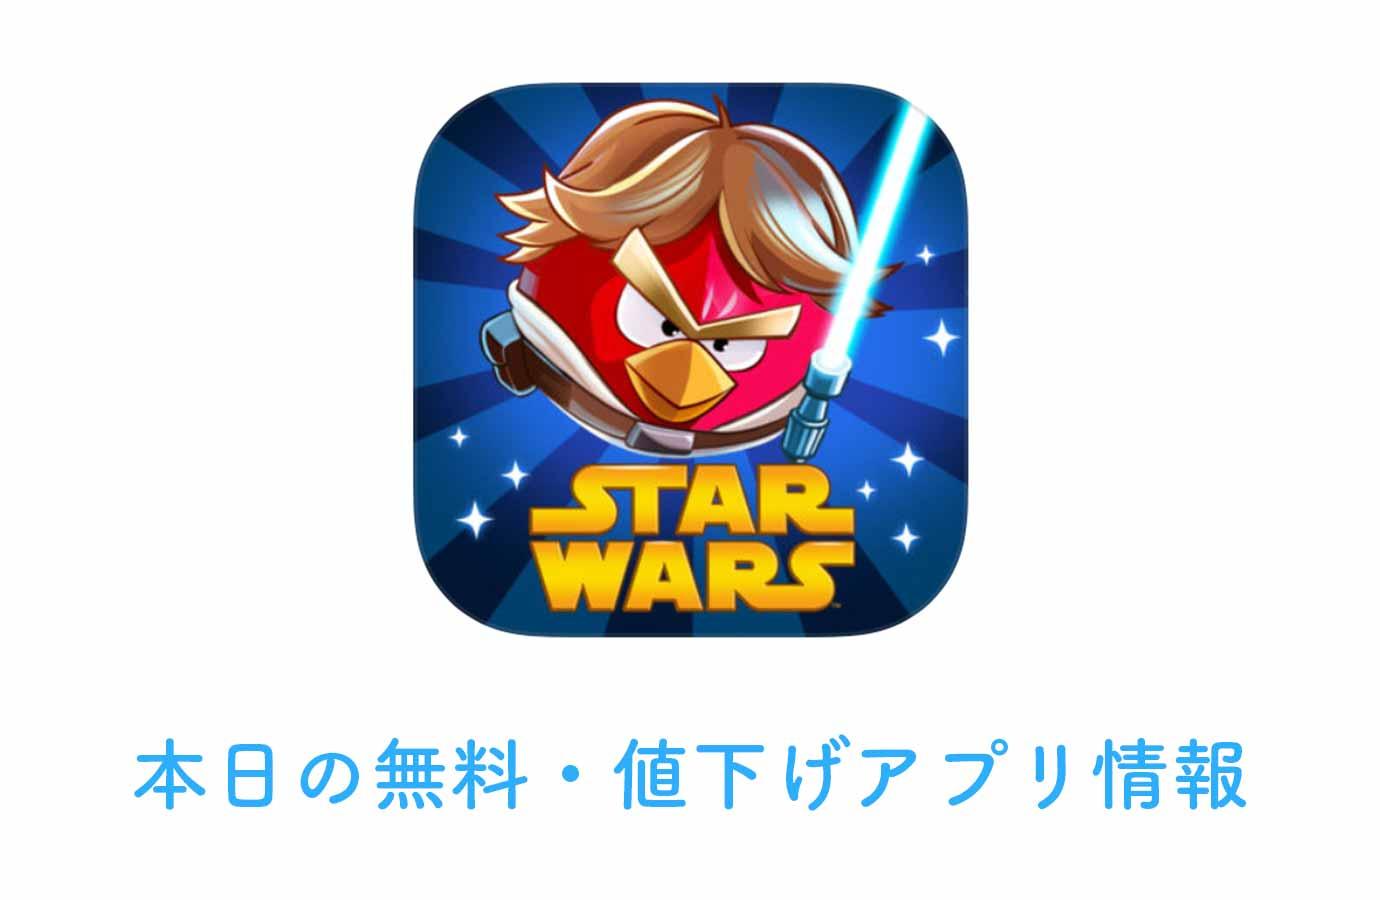 【120円→無料】Angry BirdsがStar Warsとコラボした「Angry Birds Star Wars」など【3/12】本日の無料・値下げアプリ情報